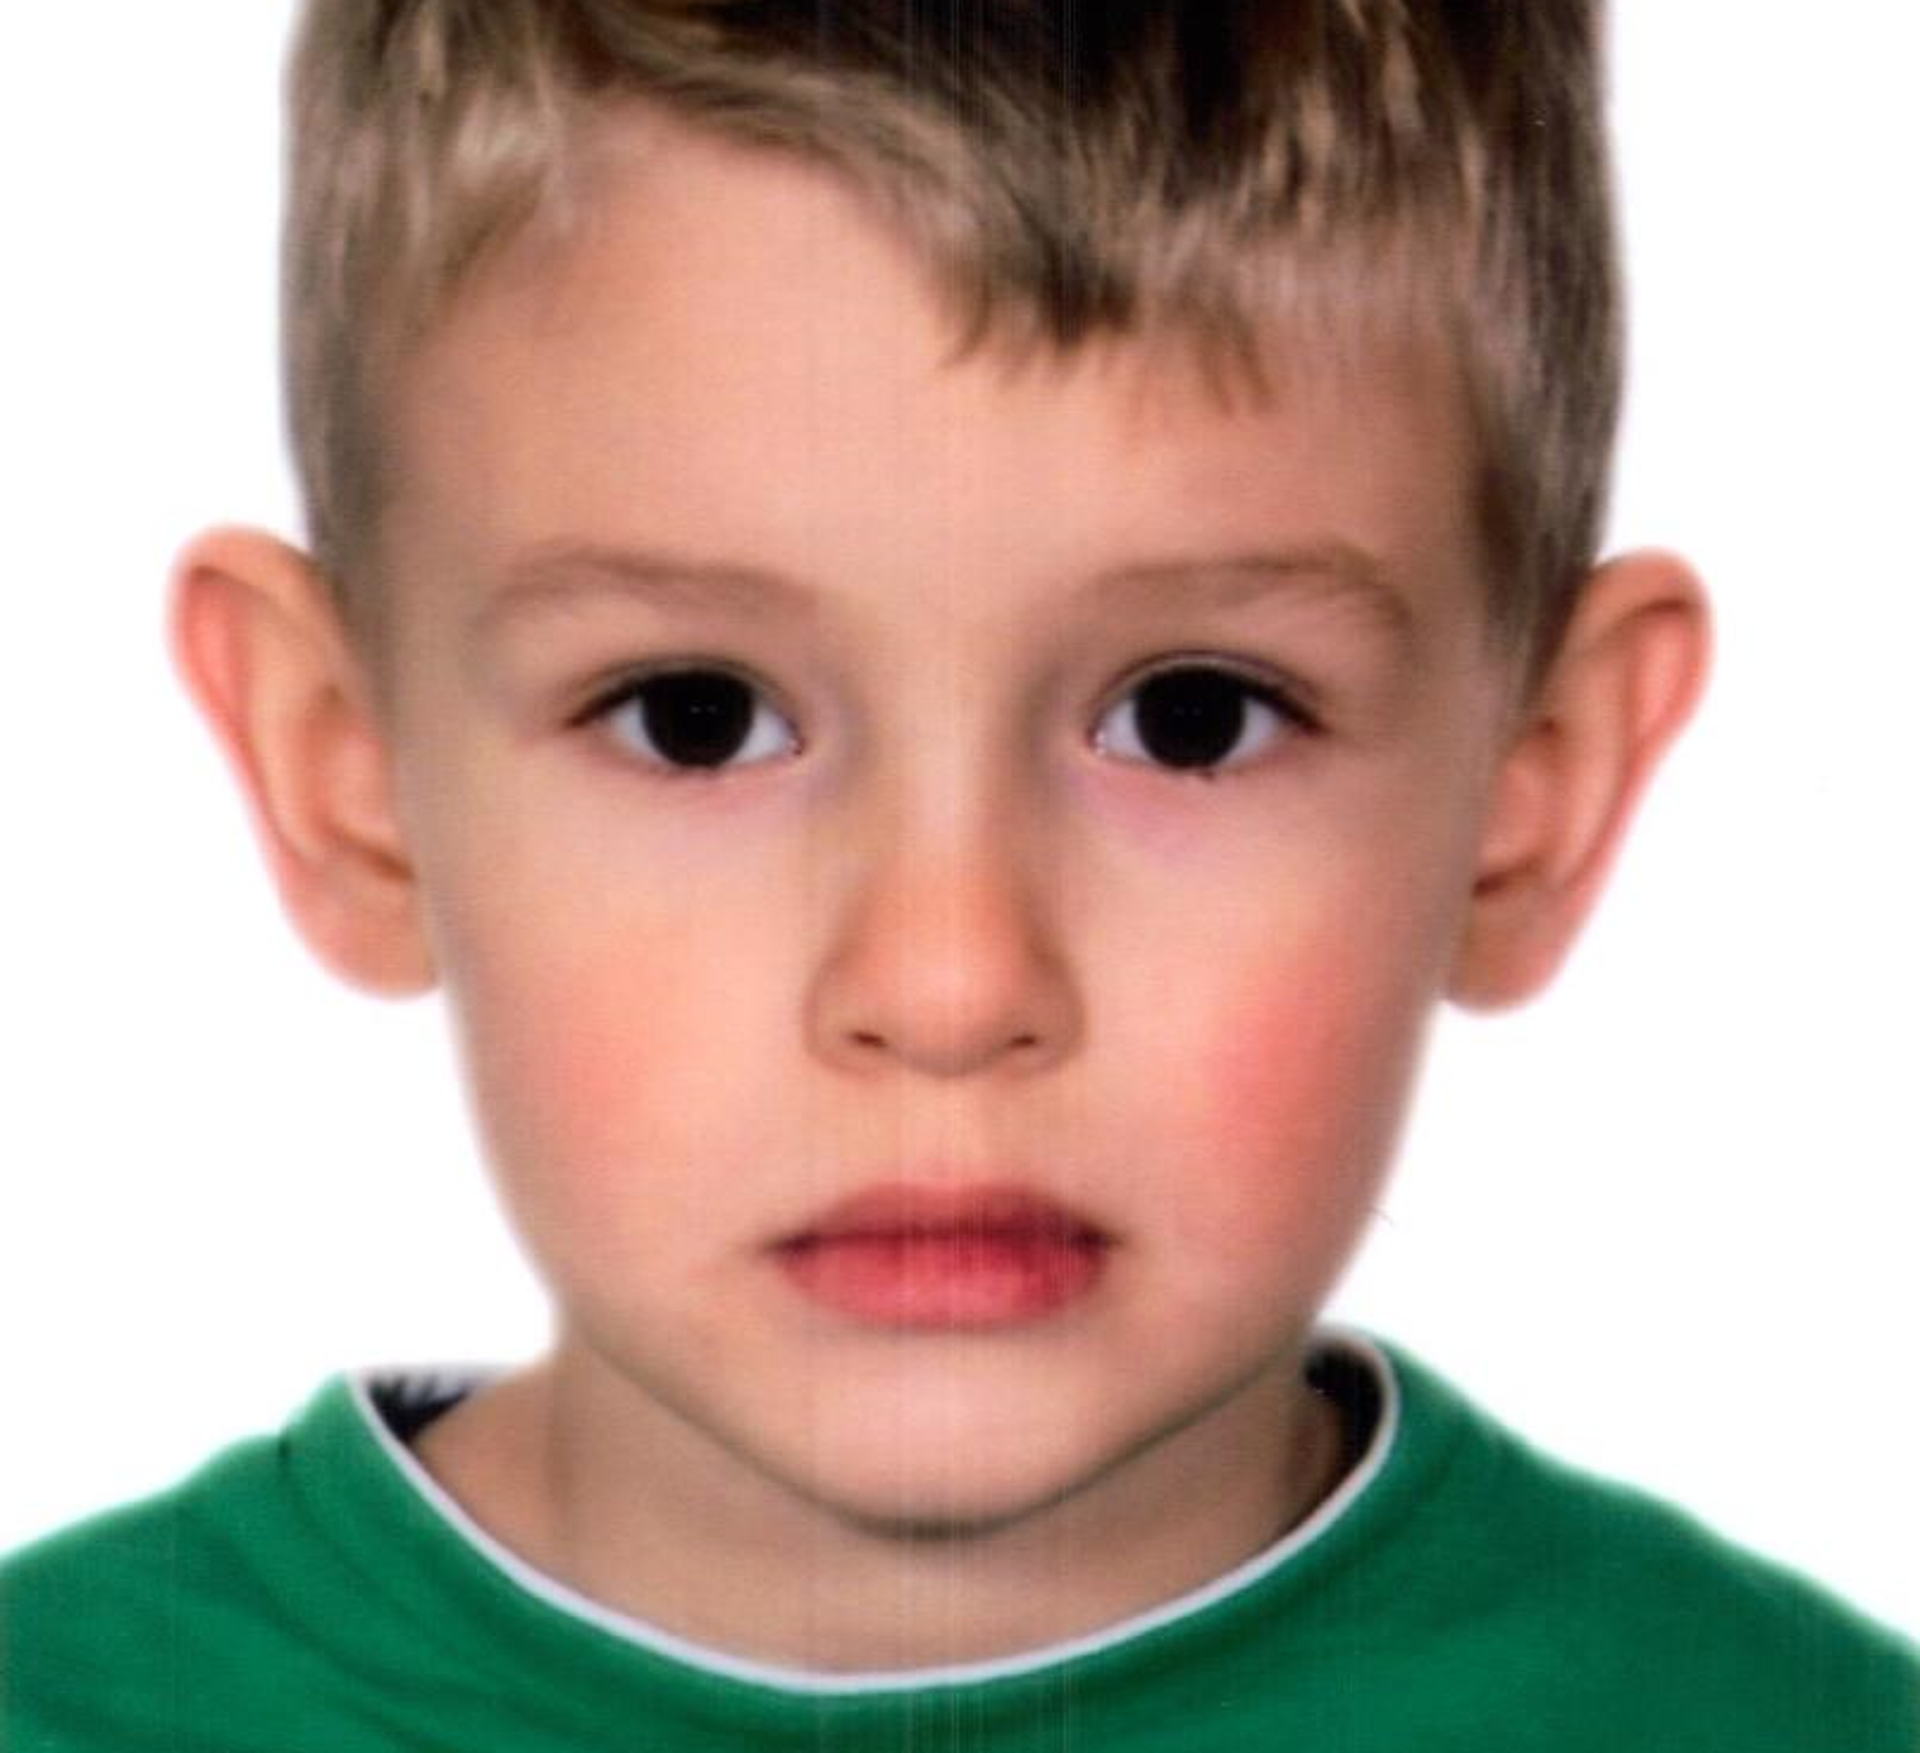 Pronađen dječak koji se danas izgubio u Zagrebu